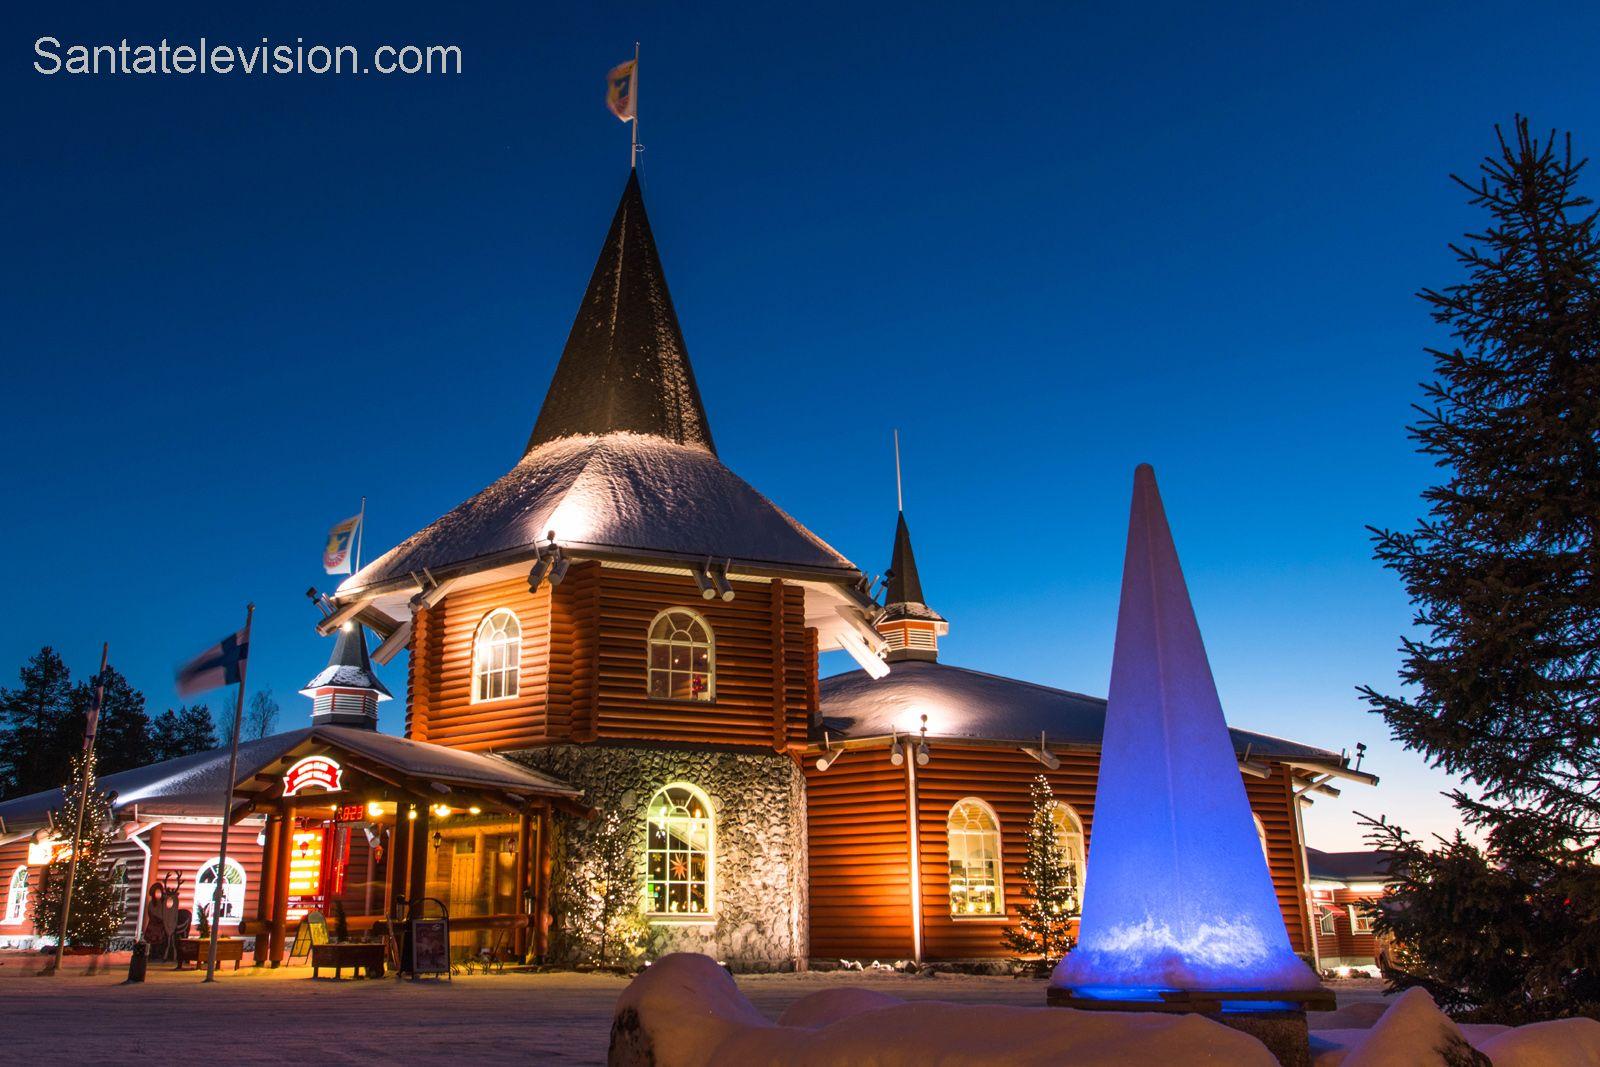 Das Christmas House im Weihnachtsmann-Feriendorf in Rovaniemi